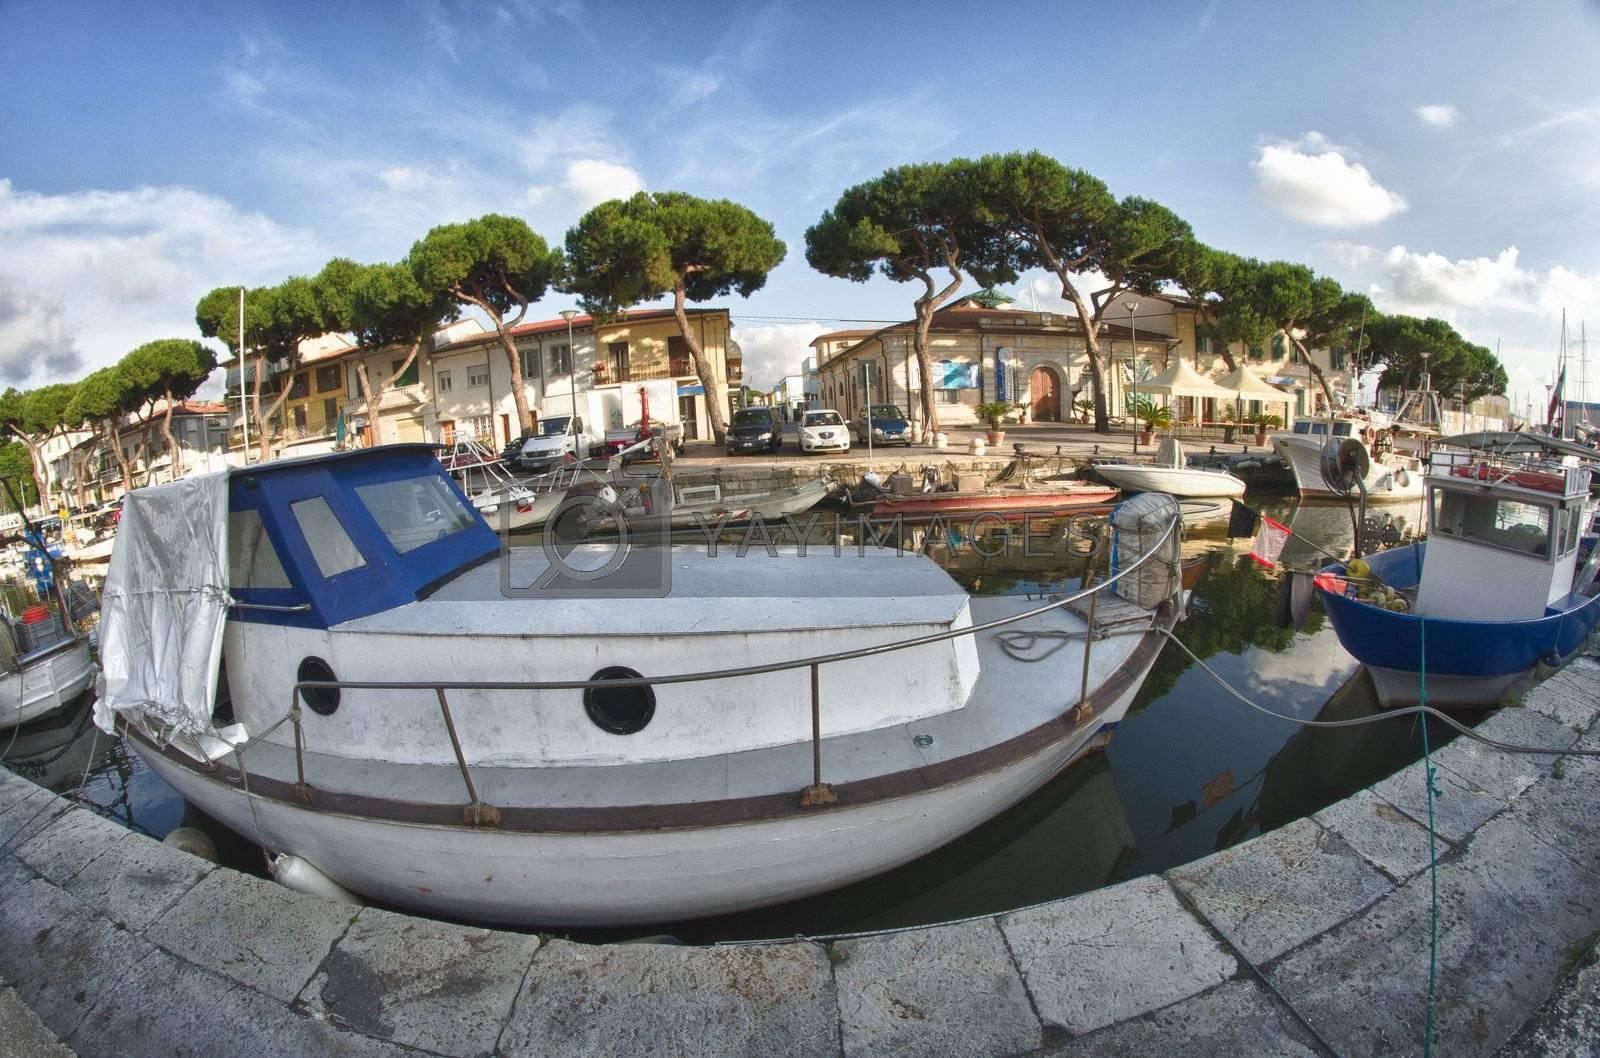 Old Boat anchored in Viareggio, Italy